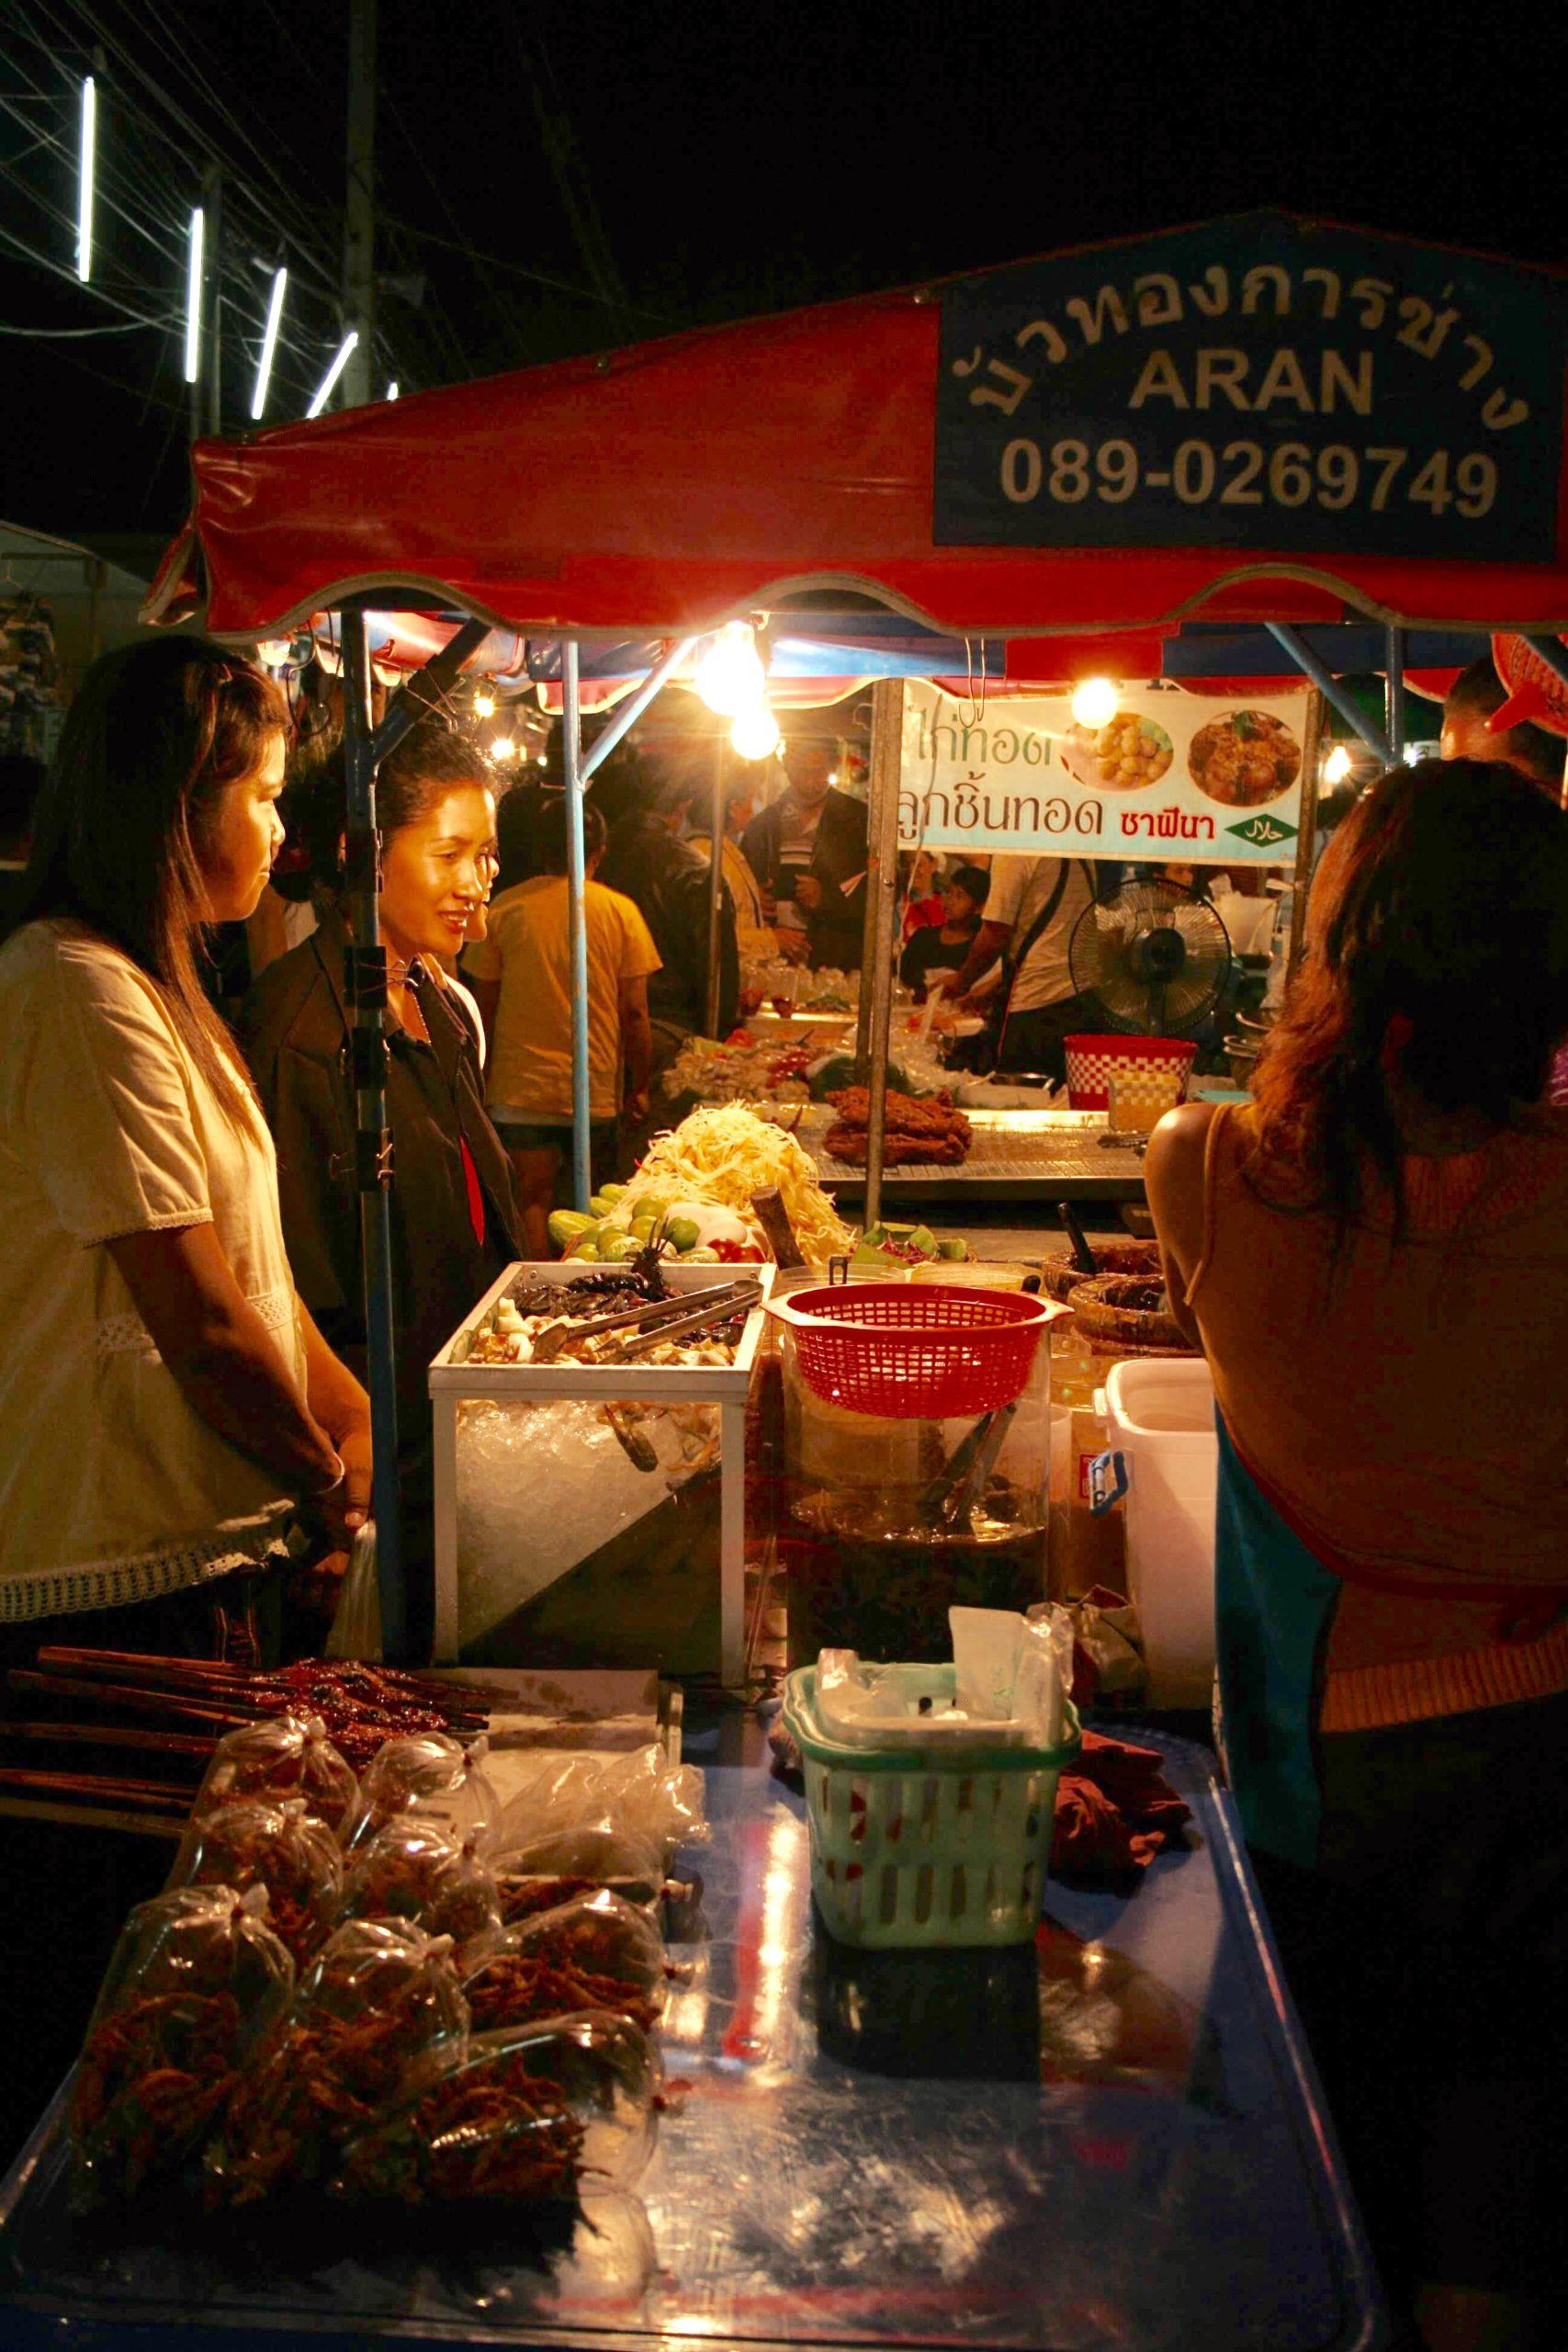 Başkent Bangkok'tan Kamboçya Sınırına Tayland-Aran Sokak Yemekleri